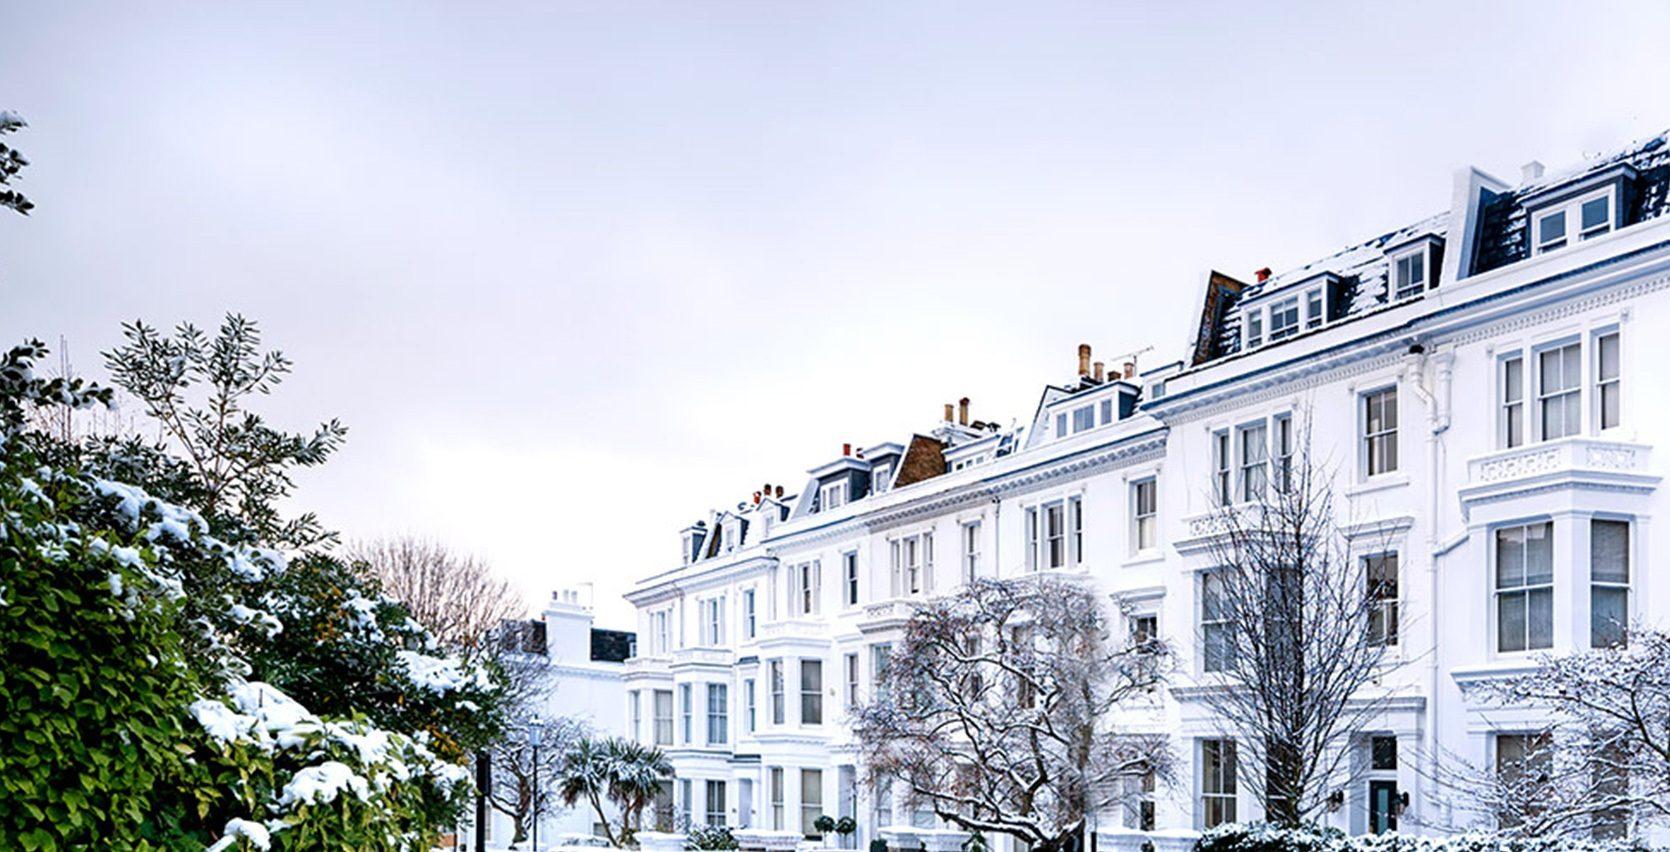 Hvit bygning med flere leiligheter på vinteren